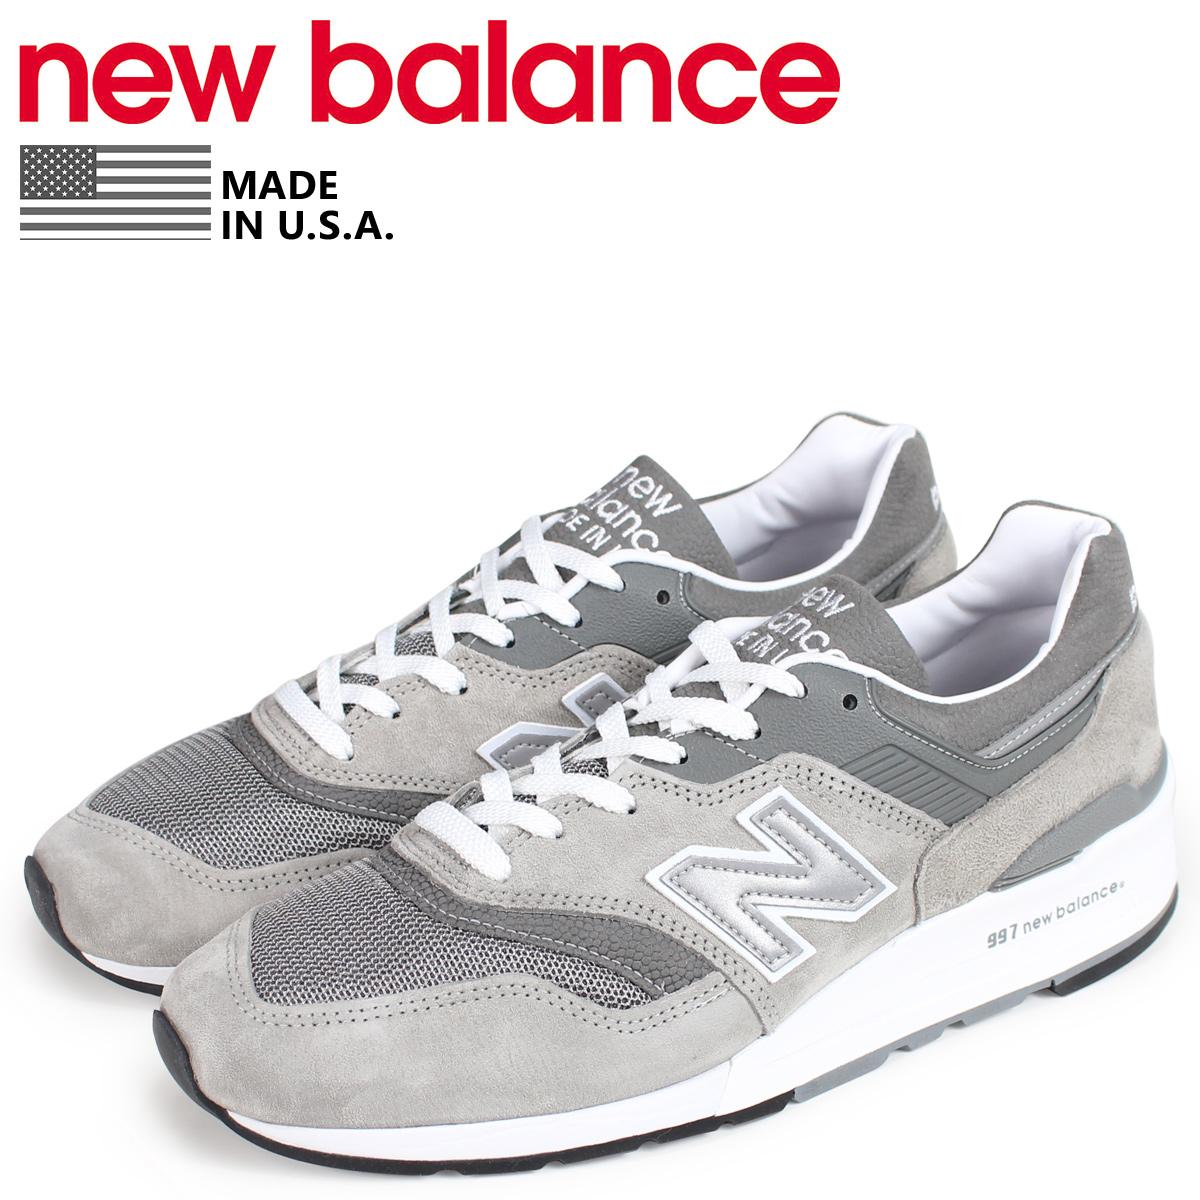 new balance 997 メンズ ニューバランス スニーカー M997GY2 Dワイズ MADE IN USA グレー [10/19 新入荷]